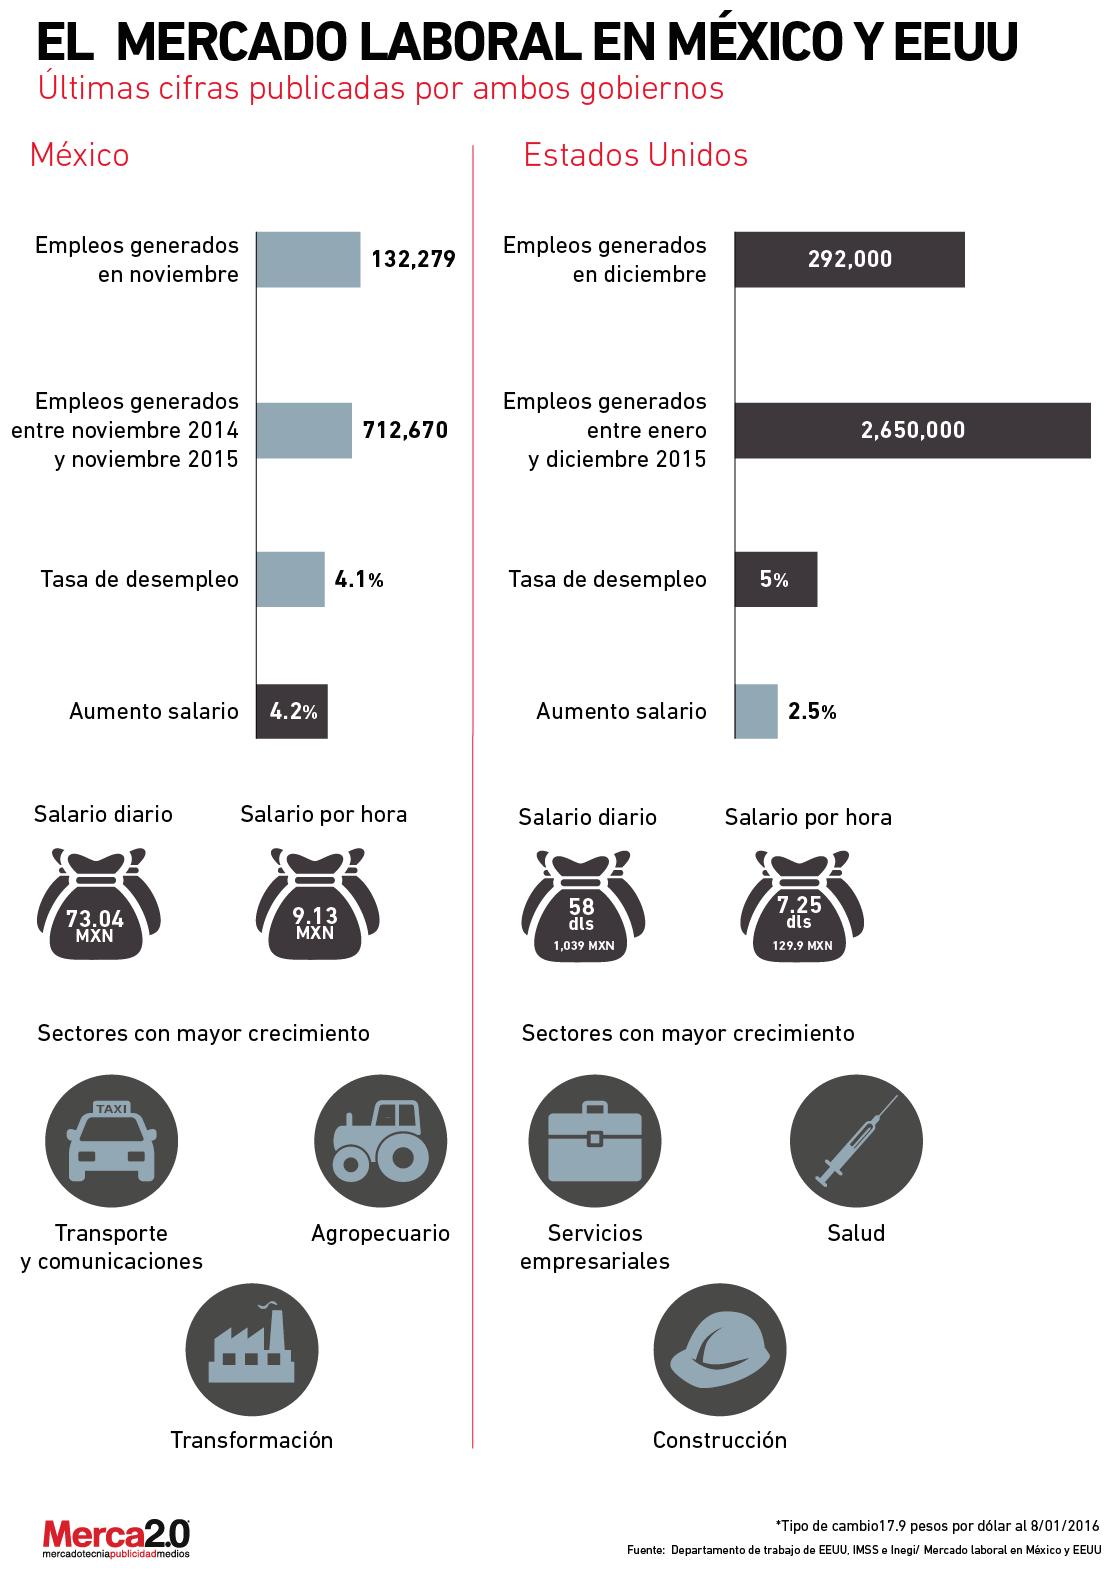 mercado_laboral_mexico_usa-01